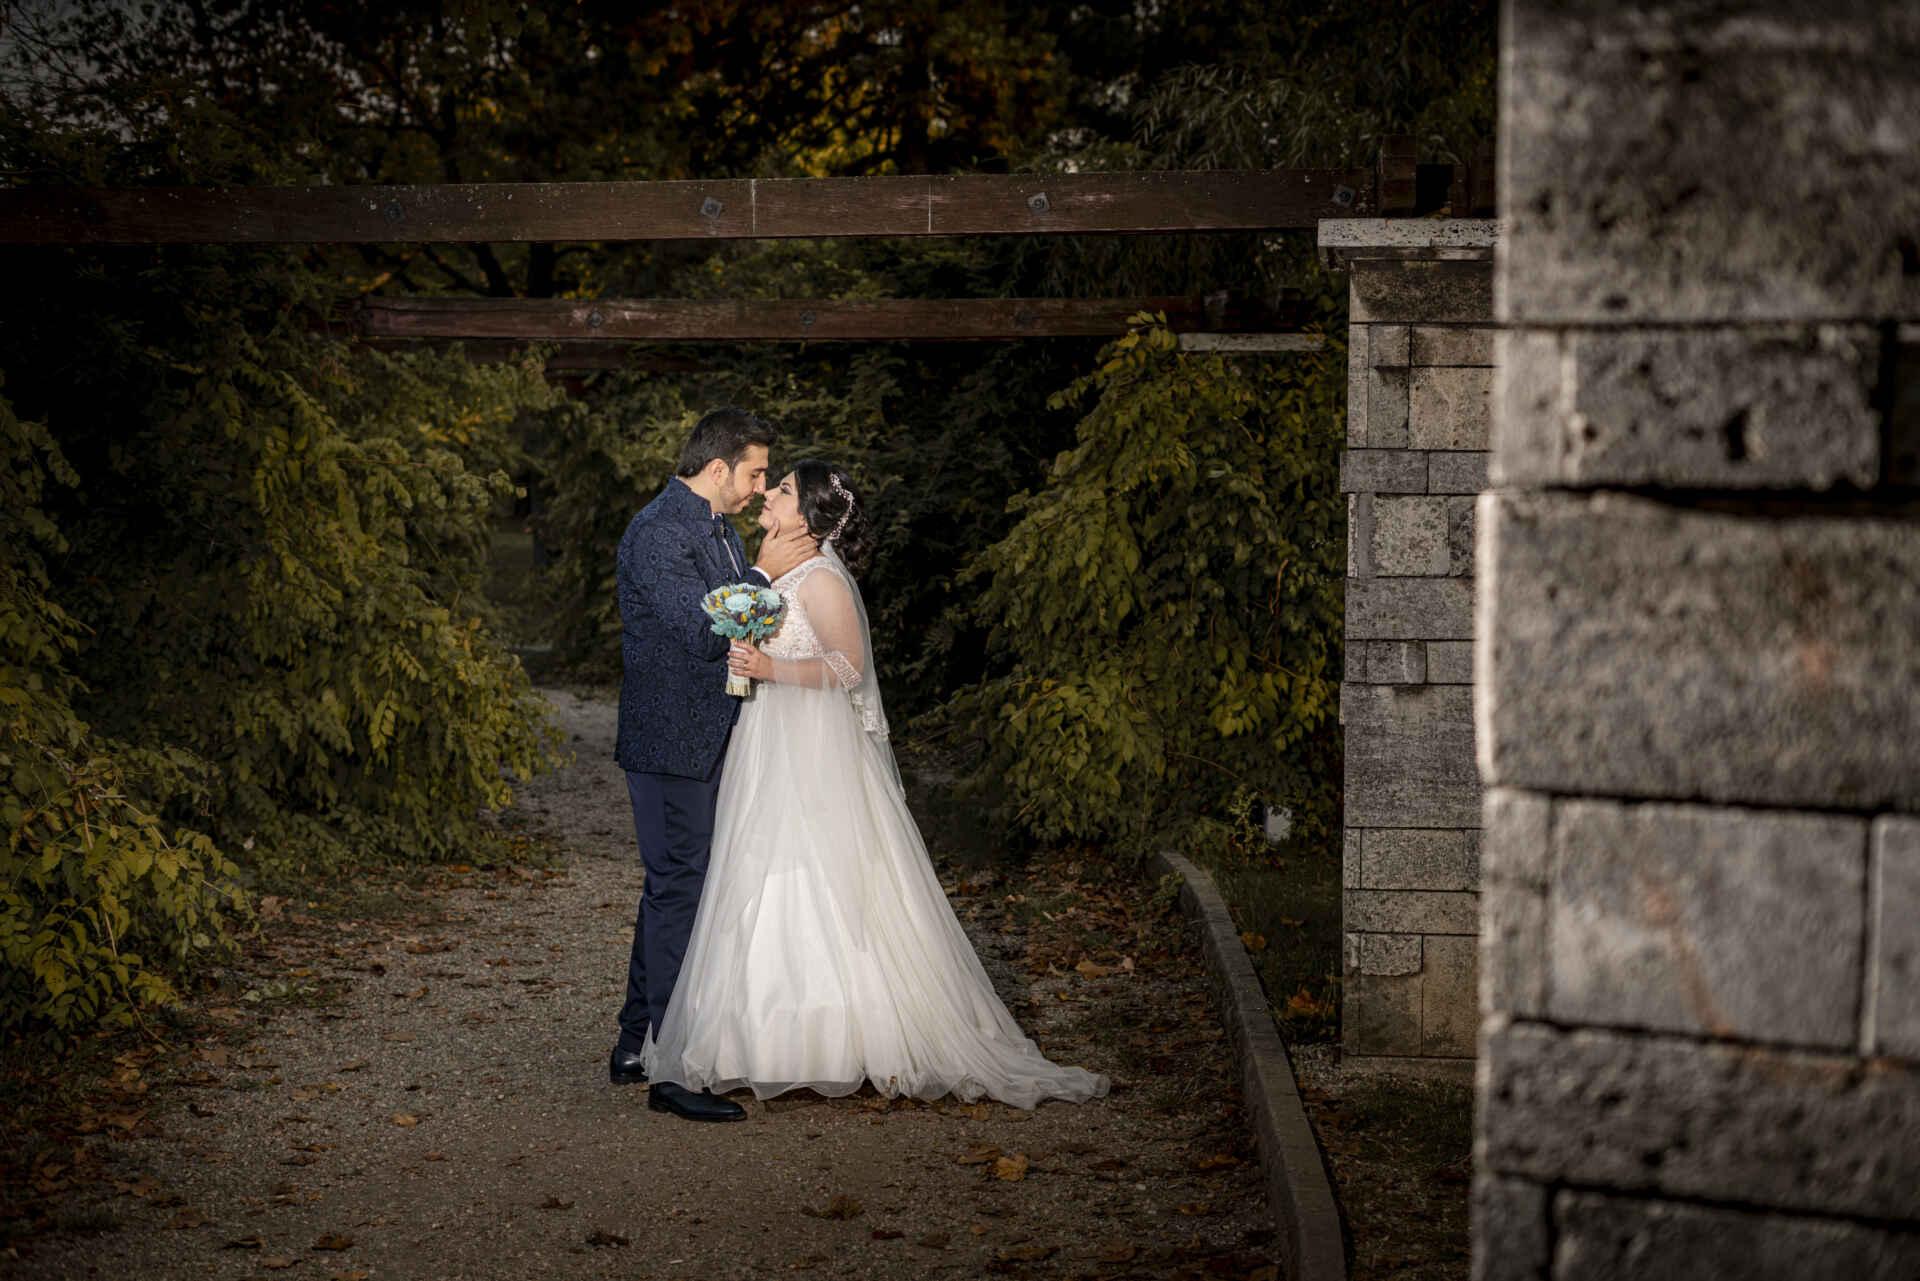 Cauta? i o nunta de femeie cu fotografie Site serios de dating fara abonament